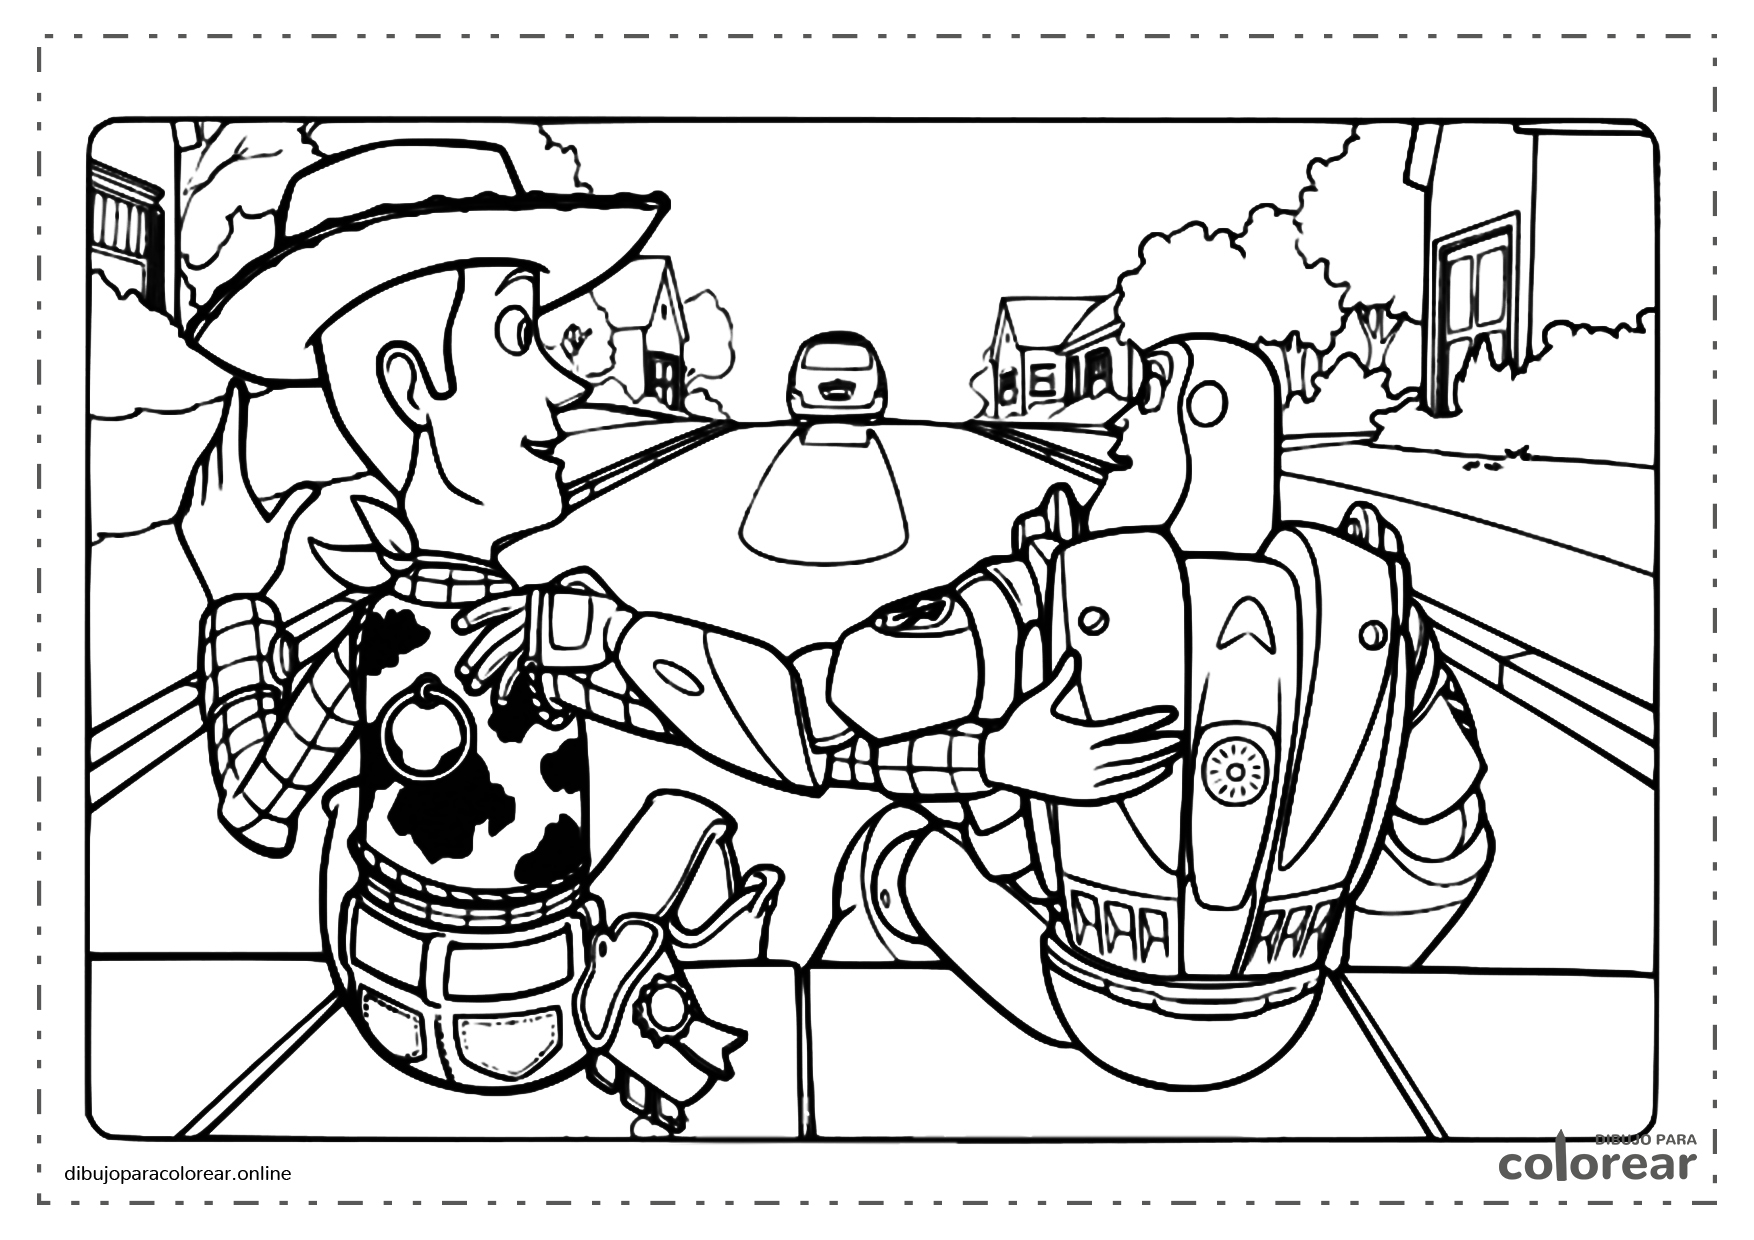 Woody y Buzz Lightyear mirando desde la ventana